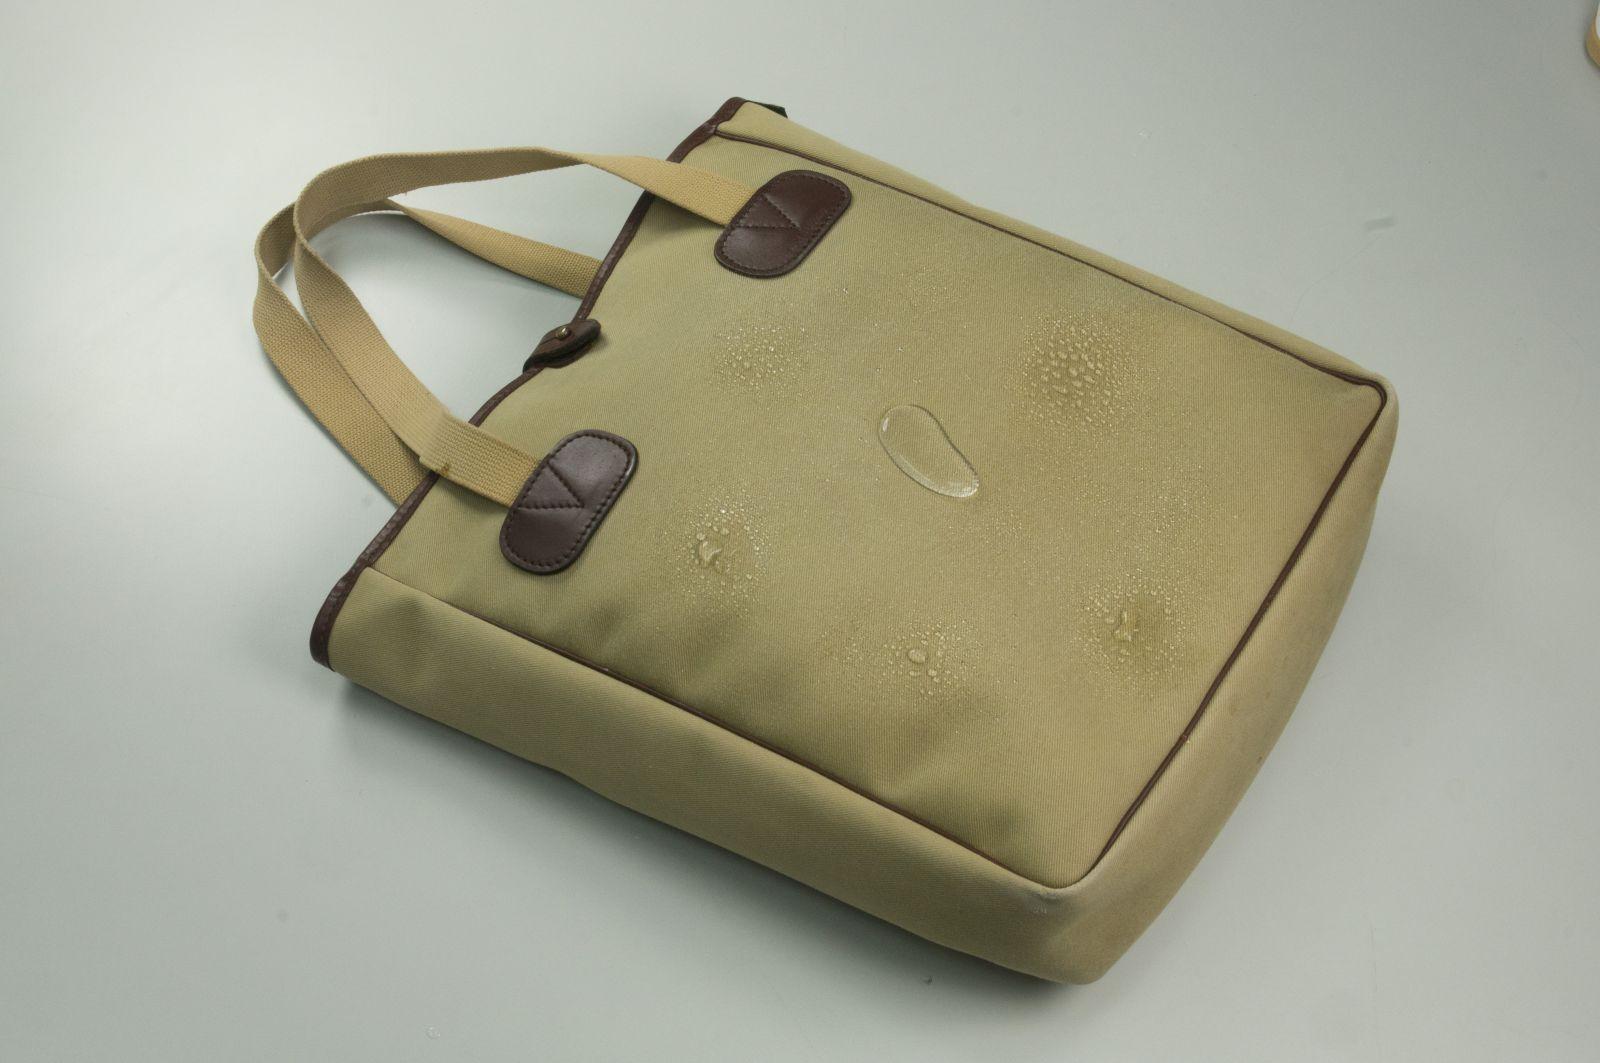 噴上新可靈,包包就可以防水、抗菌的效果。麗台提供